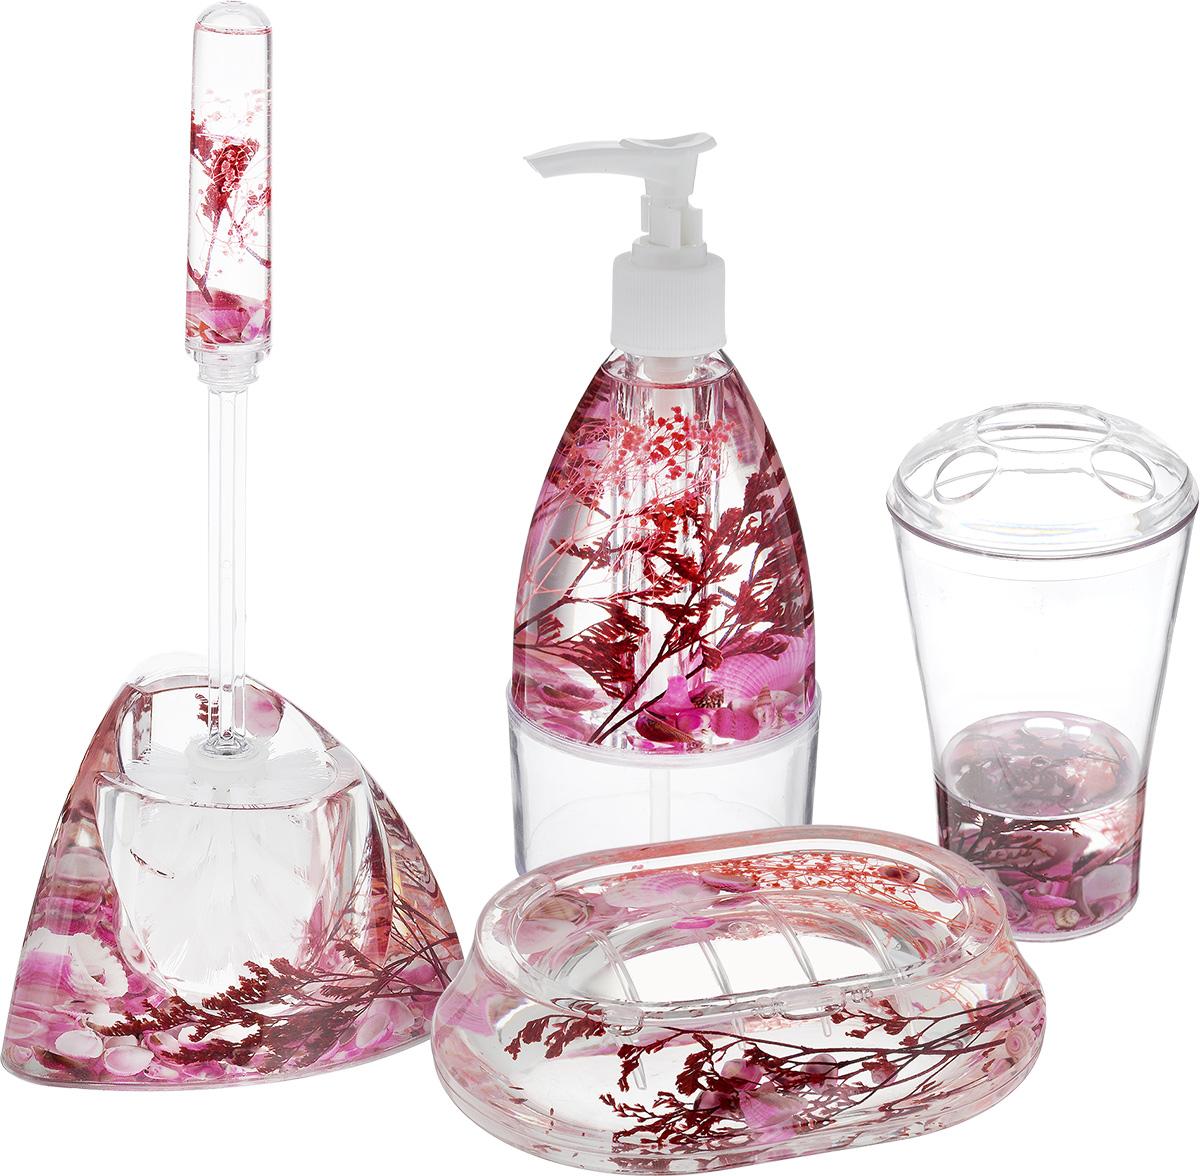 Набор для ванной комнаты Mayer & Boch Ракушка, цвет белый, розовый, 5 предметов8647_белый/розовыйНабор для ванной комнаты Mayer & Boch Ракушка состоит из диспенсера для жидкого мыла, стакана для 4 зубных щеток и зубной пасты, мыльницы и ершика на подставке. Предметы набора выполнены из высококачественного прозрачного пластика. Внутри гелевый наполнитель с морскими ракушками и кораллами. Аксессуары, входящие в набор Mayer & Boch Ракушка, выполняют не только практическую, но и декоративную функцию. Они способны внести в помещение изысканность, сделать пребывание в ванне приятным и даже незабываемым. Диаметр стакана (по верхнему краю): 8 см. Высота стакана (без учета крышки): 12 см. Размер диспенсера: 7,5 х 7,5 х 18,5 см. Объем диспенсера: 200 мл. Размер мыльницы: 13 х 9,5 х 3 см. Длина ершика: 32,5 см. Размер рабочей поверхности ершика: 6,5 х 6,5 х 8 см. Размер подставки для ершика: 17 х 12,3 х 10,5 см.